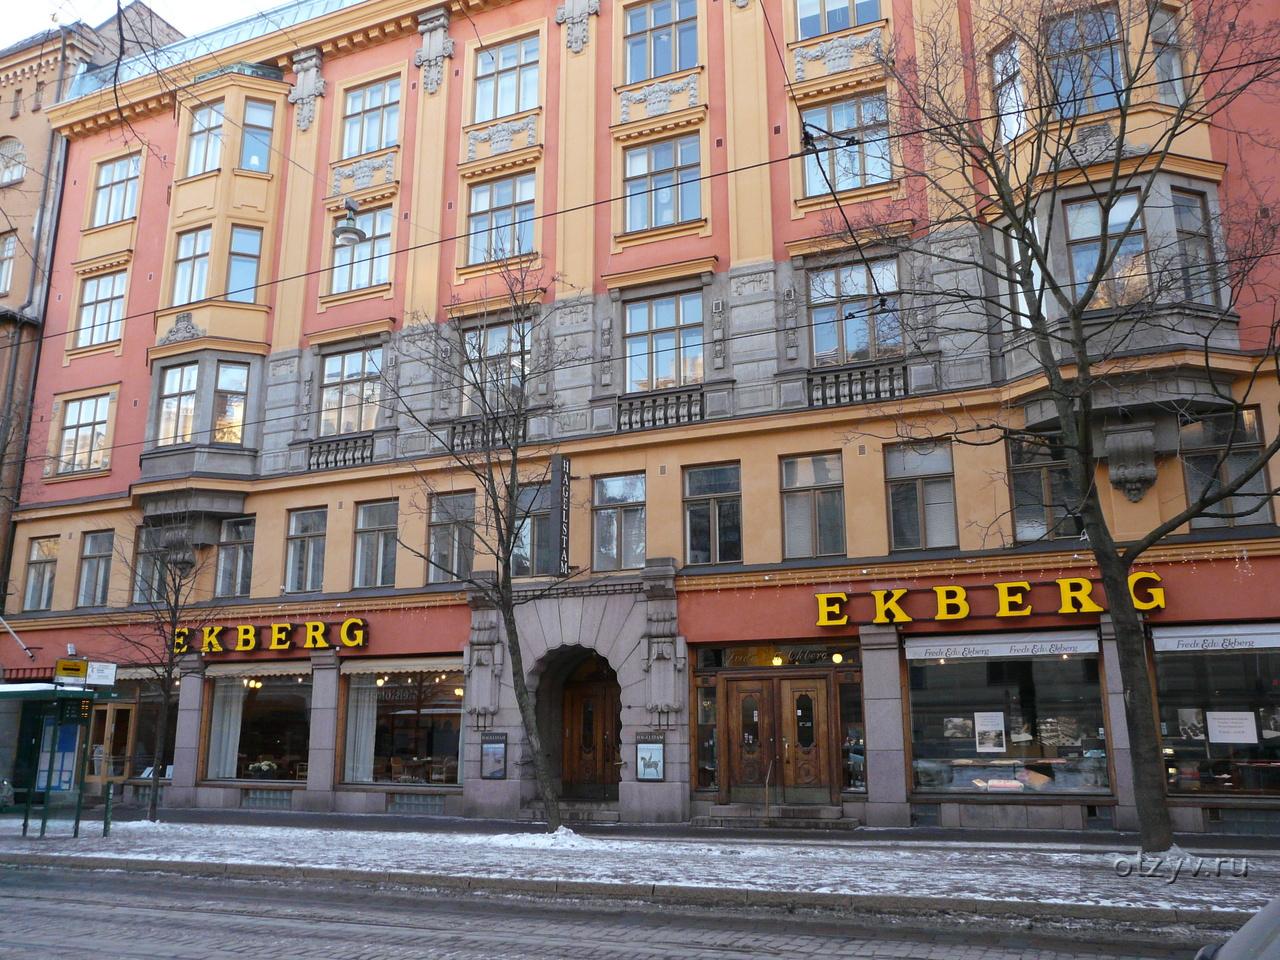 В Хельсинки название улиц пишется на двух официальных языках – шведском и финском.